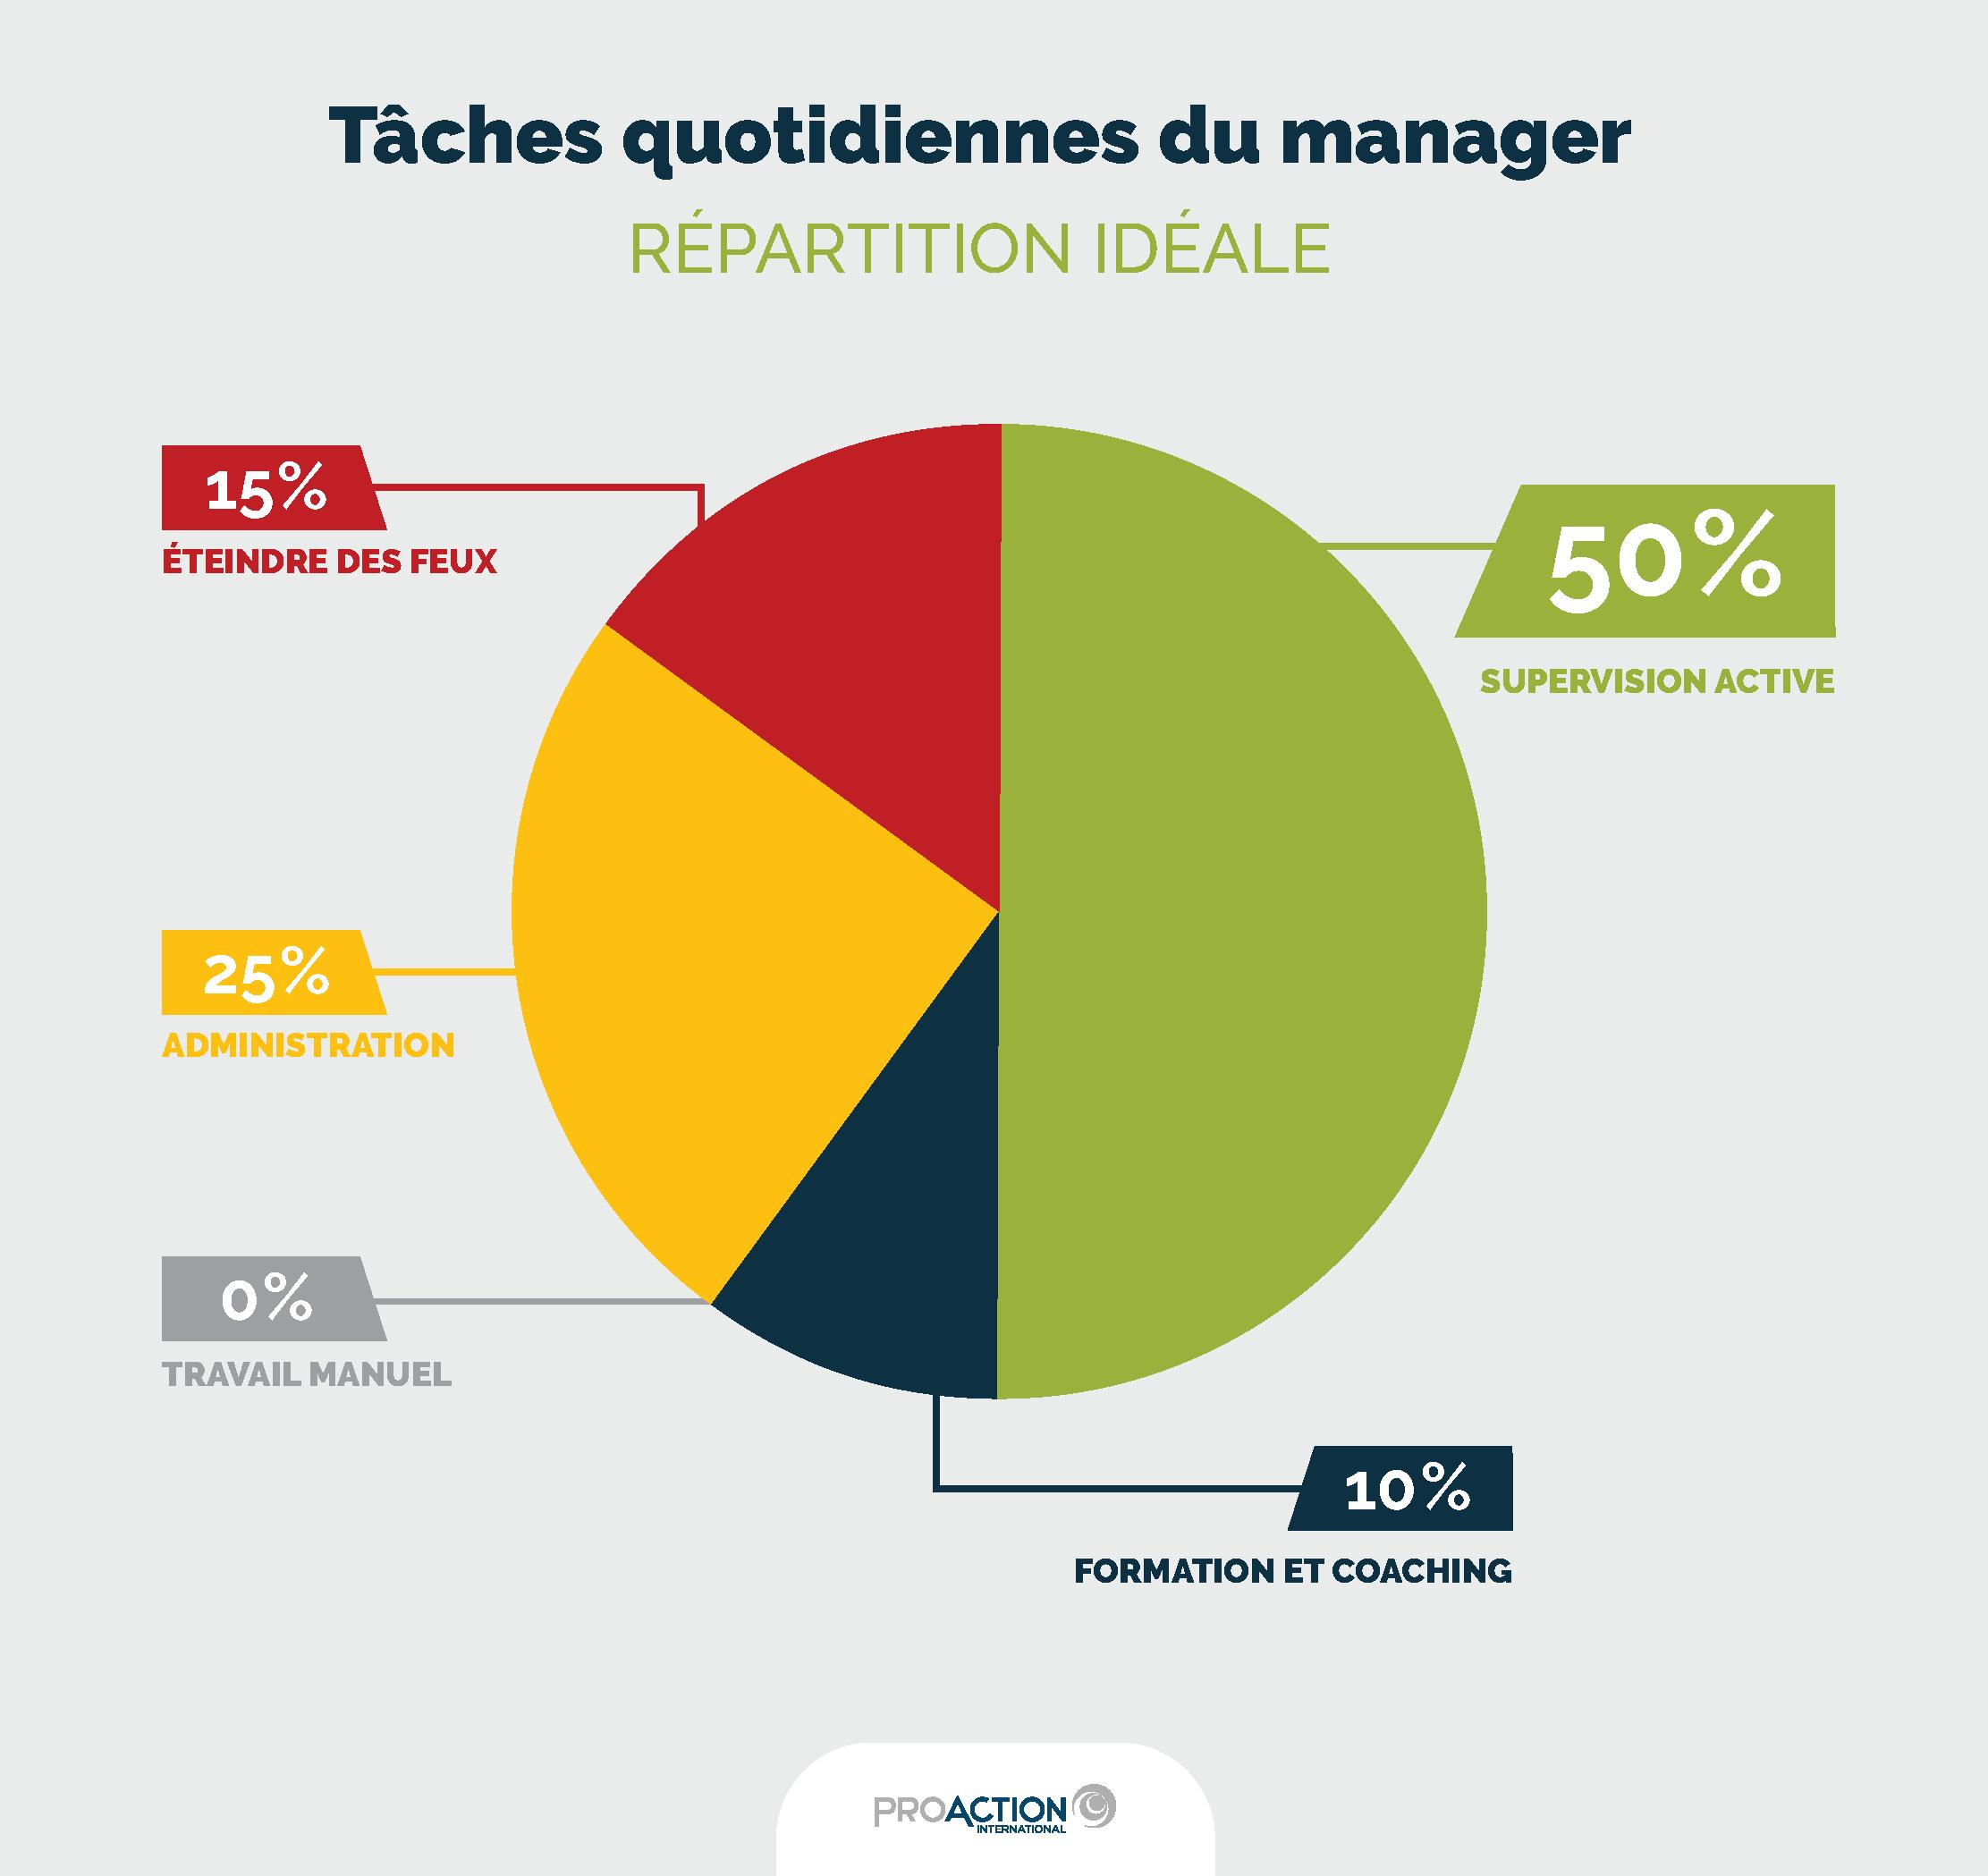 Infographie-distribution idéale_tâches des managers : 50% supervision active, 10% formation et coaching, 25% administration, 15% éteindre des feux, 0% travail manuel